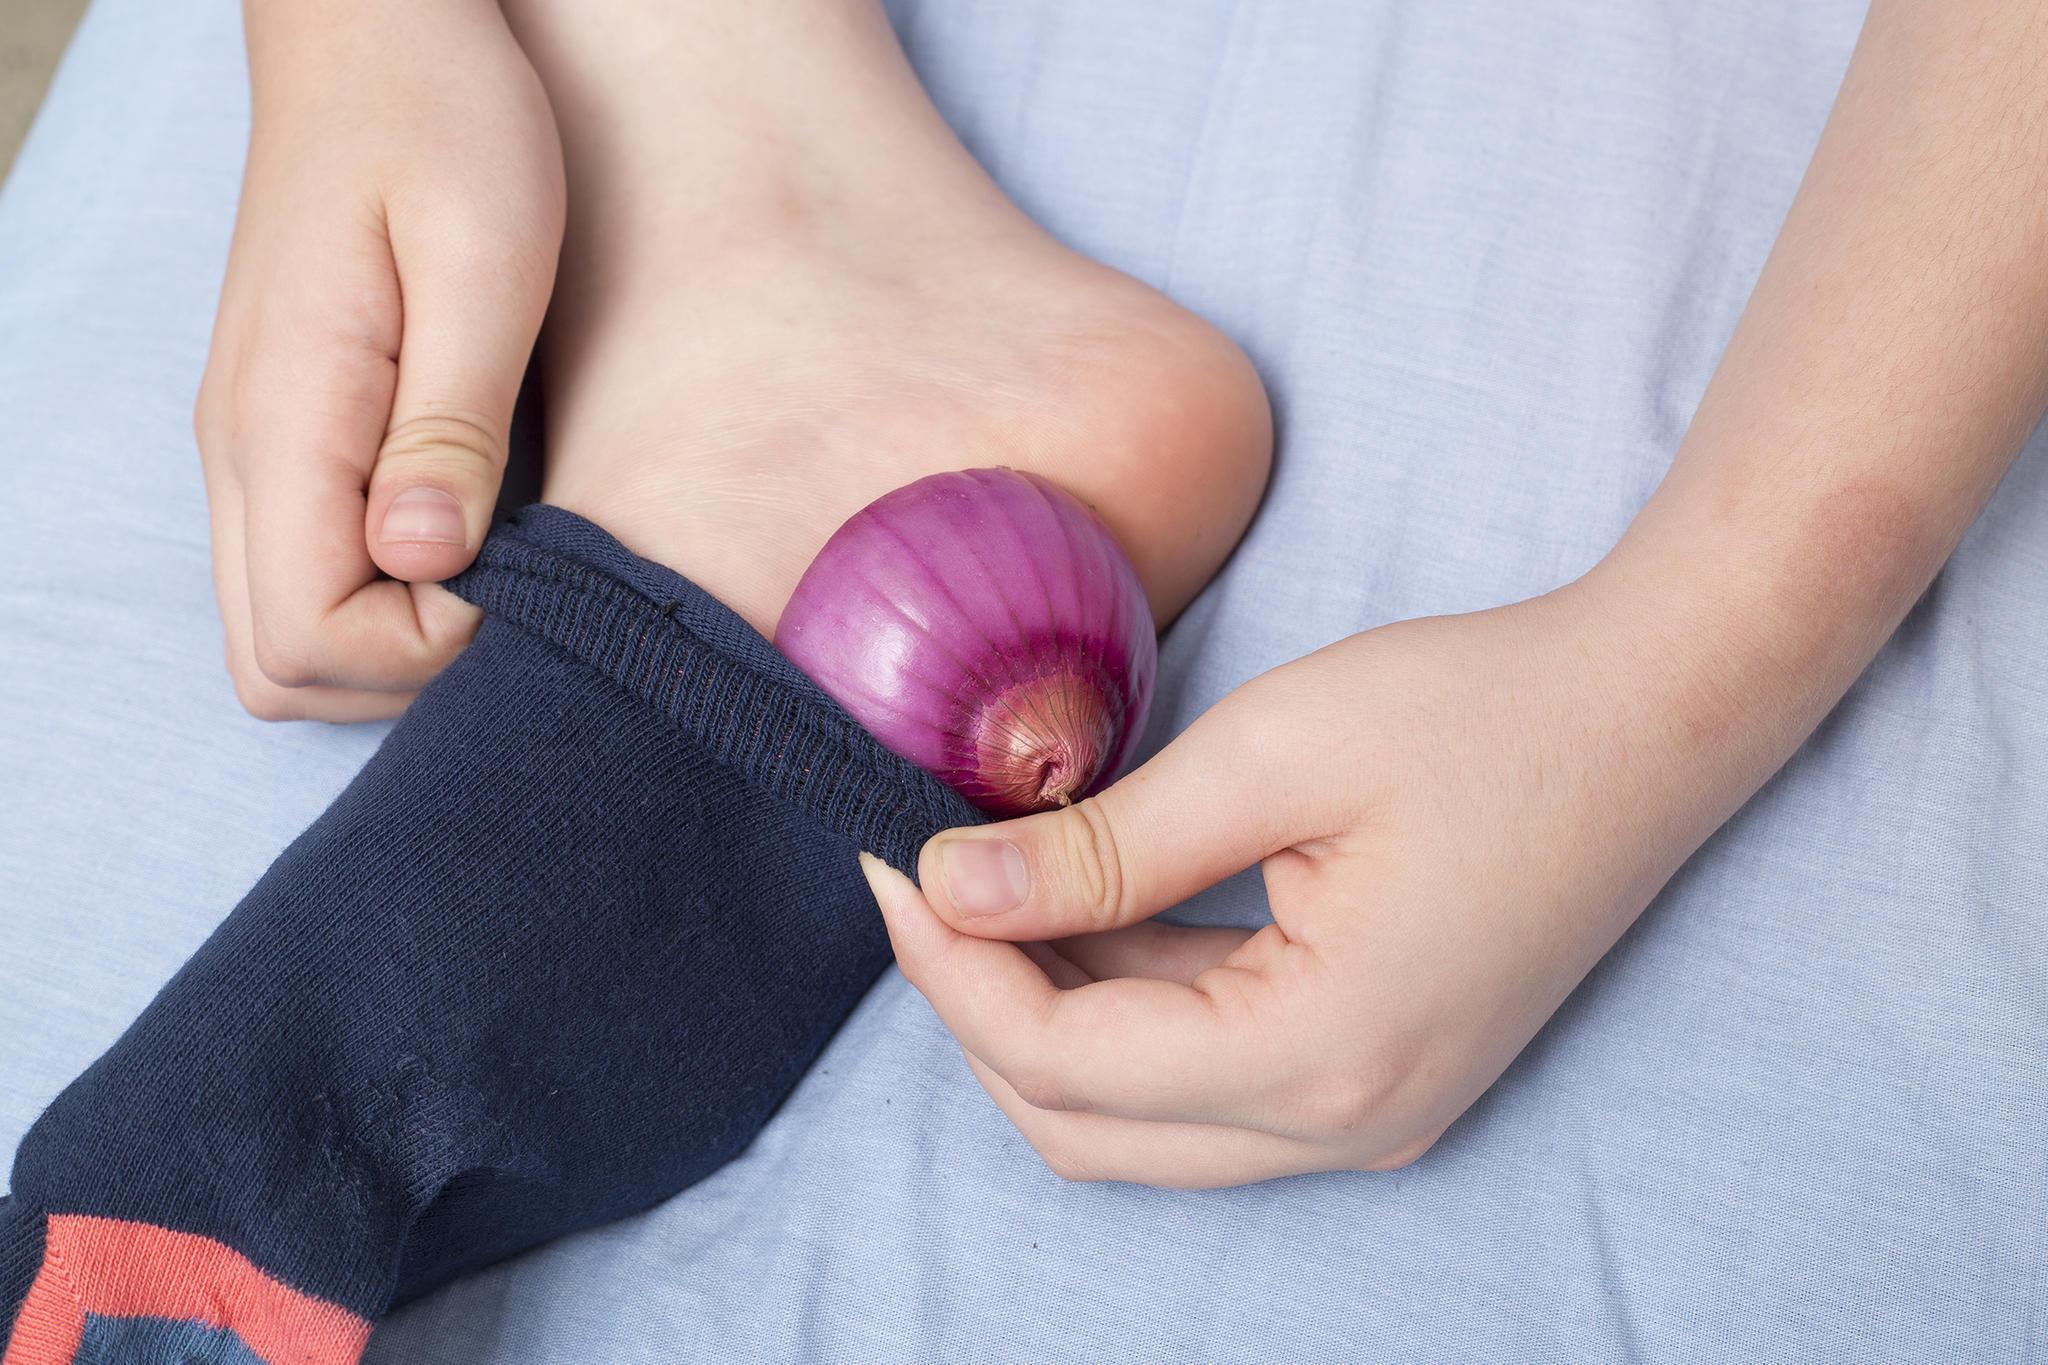 Zwiebeln sind äußerst wirksam bei der Behandlung von Zeckenbissen.